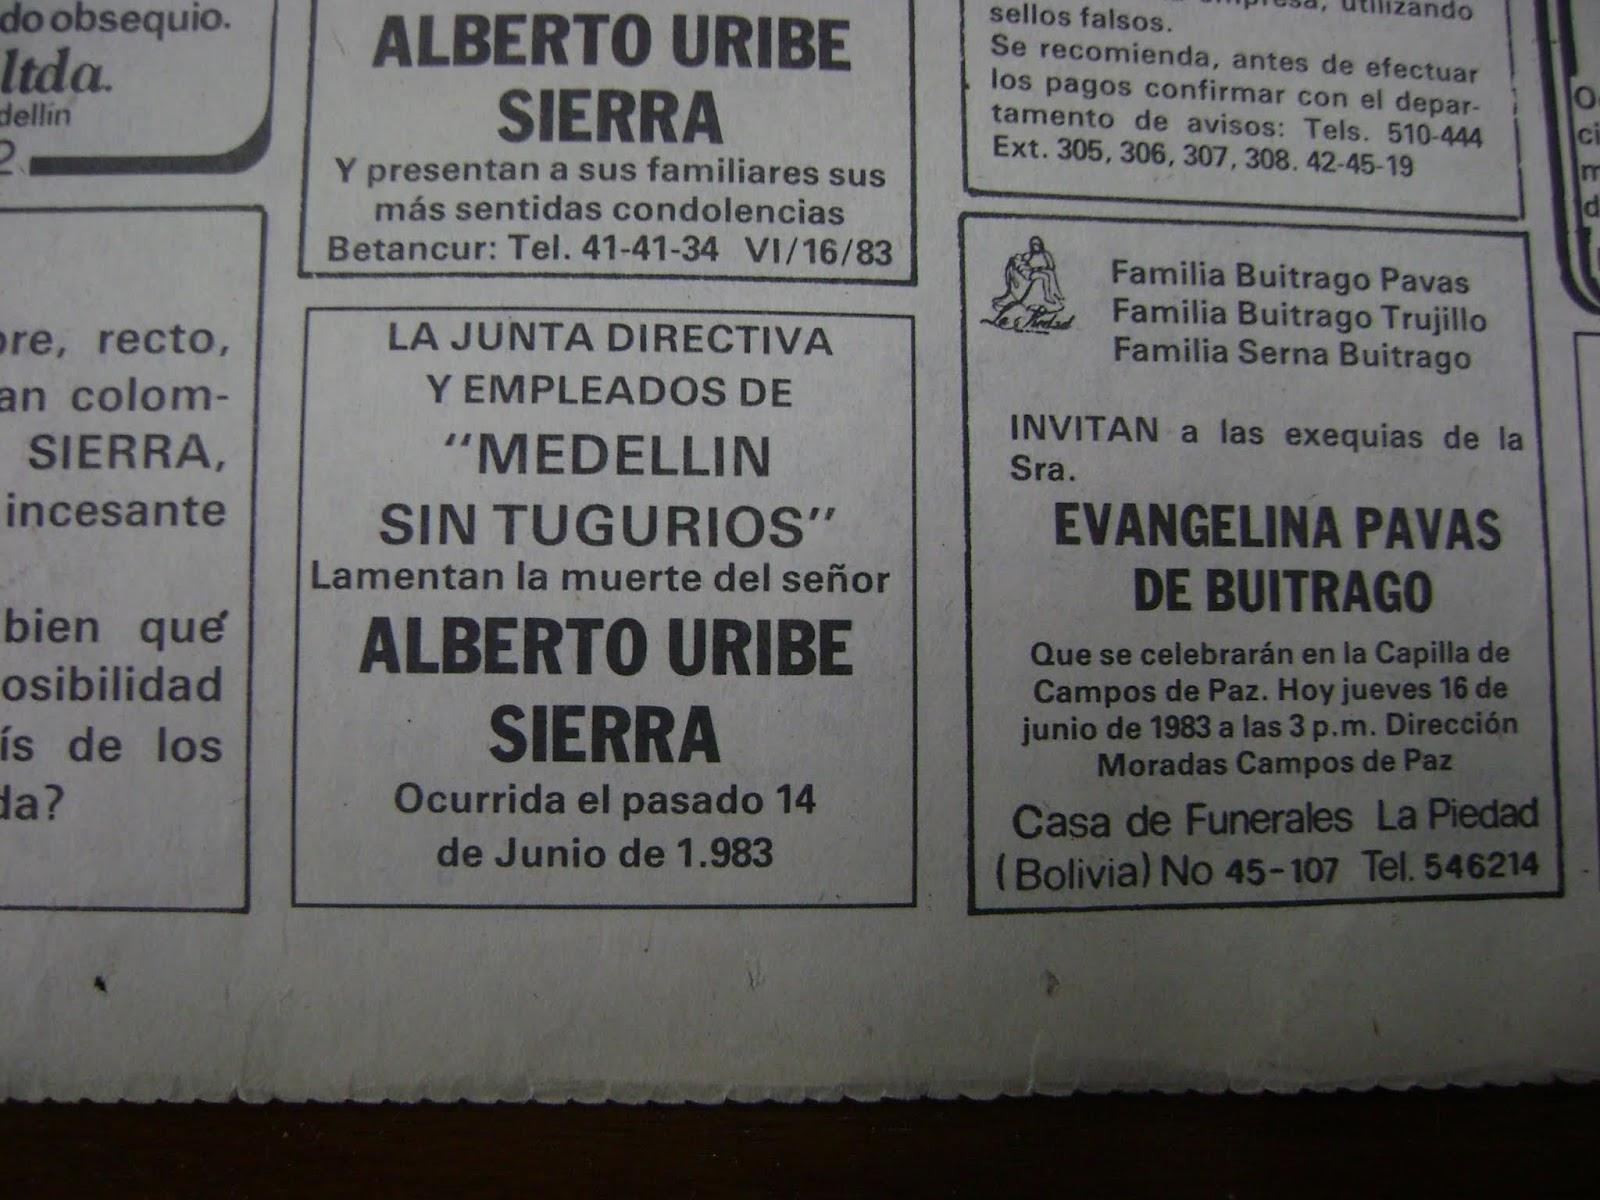 Proyecto Pablo Escobar: Invitación a funerales de Alberto Uribe ...